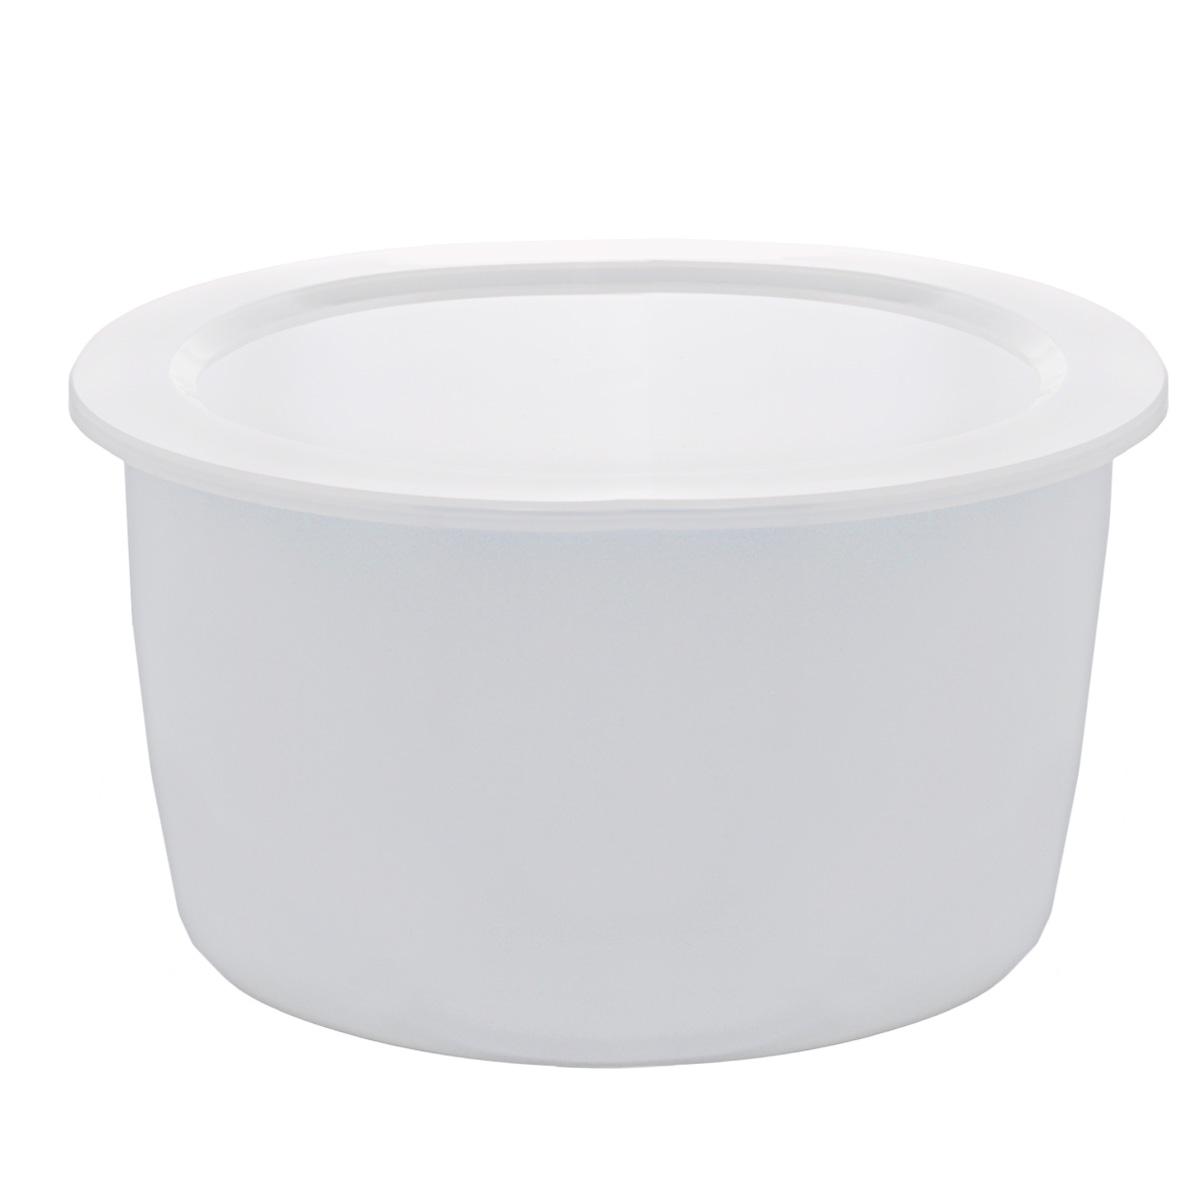 Steba AS 4 сменная чаша для мультиварки DD1/2 мультиварка steba steba dd 2 xl eco